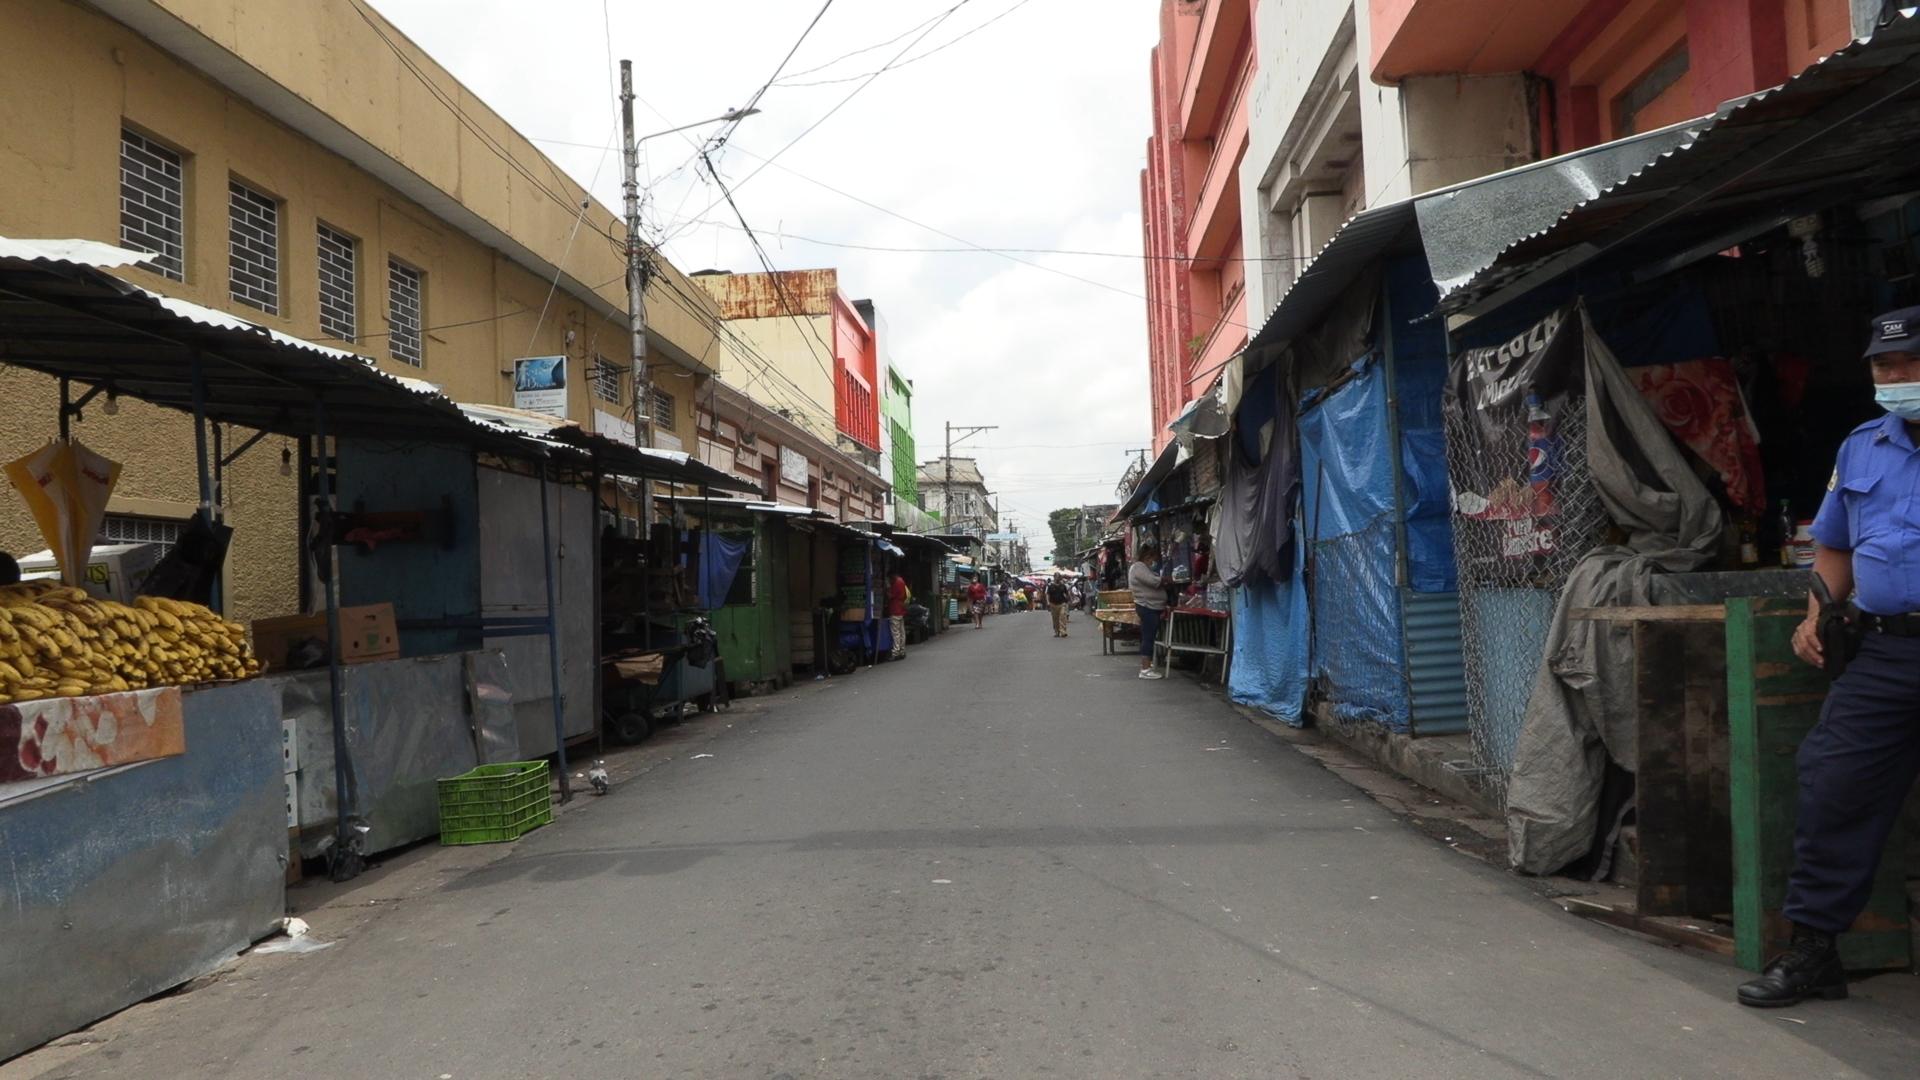 ¿De la pobreza a la miseria? La crisis económica tras el Covid-19